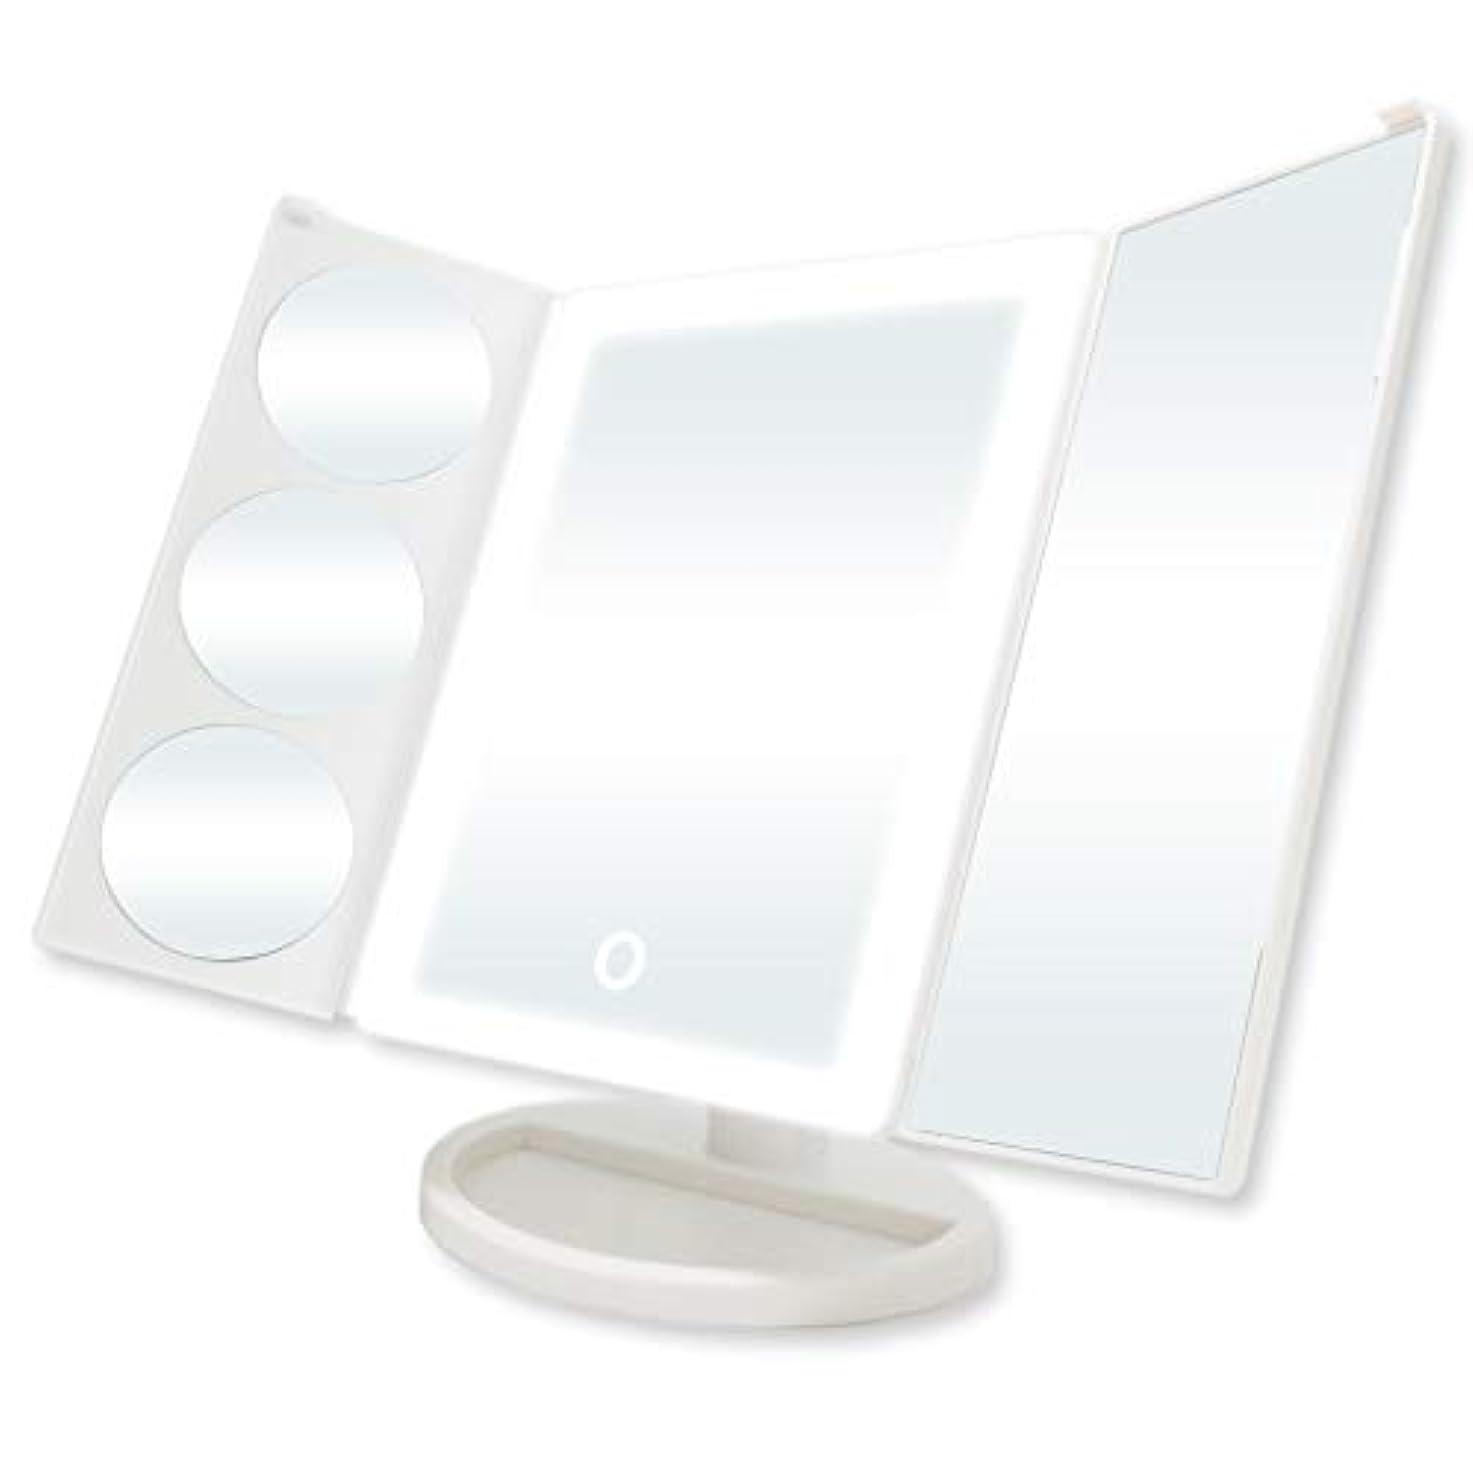 競争整理する認識La Curie LED女優ミラー 三面鏡 鏡 卓上ミラー 3倍&5倍&10倍拡大鏡 LEDバー型ライト 化粧鏡 タッチパネル 角度調整 スタンド ミラー LEDブライトミラー 6ヶ月保証&日本語説明書 LaCurie011